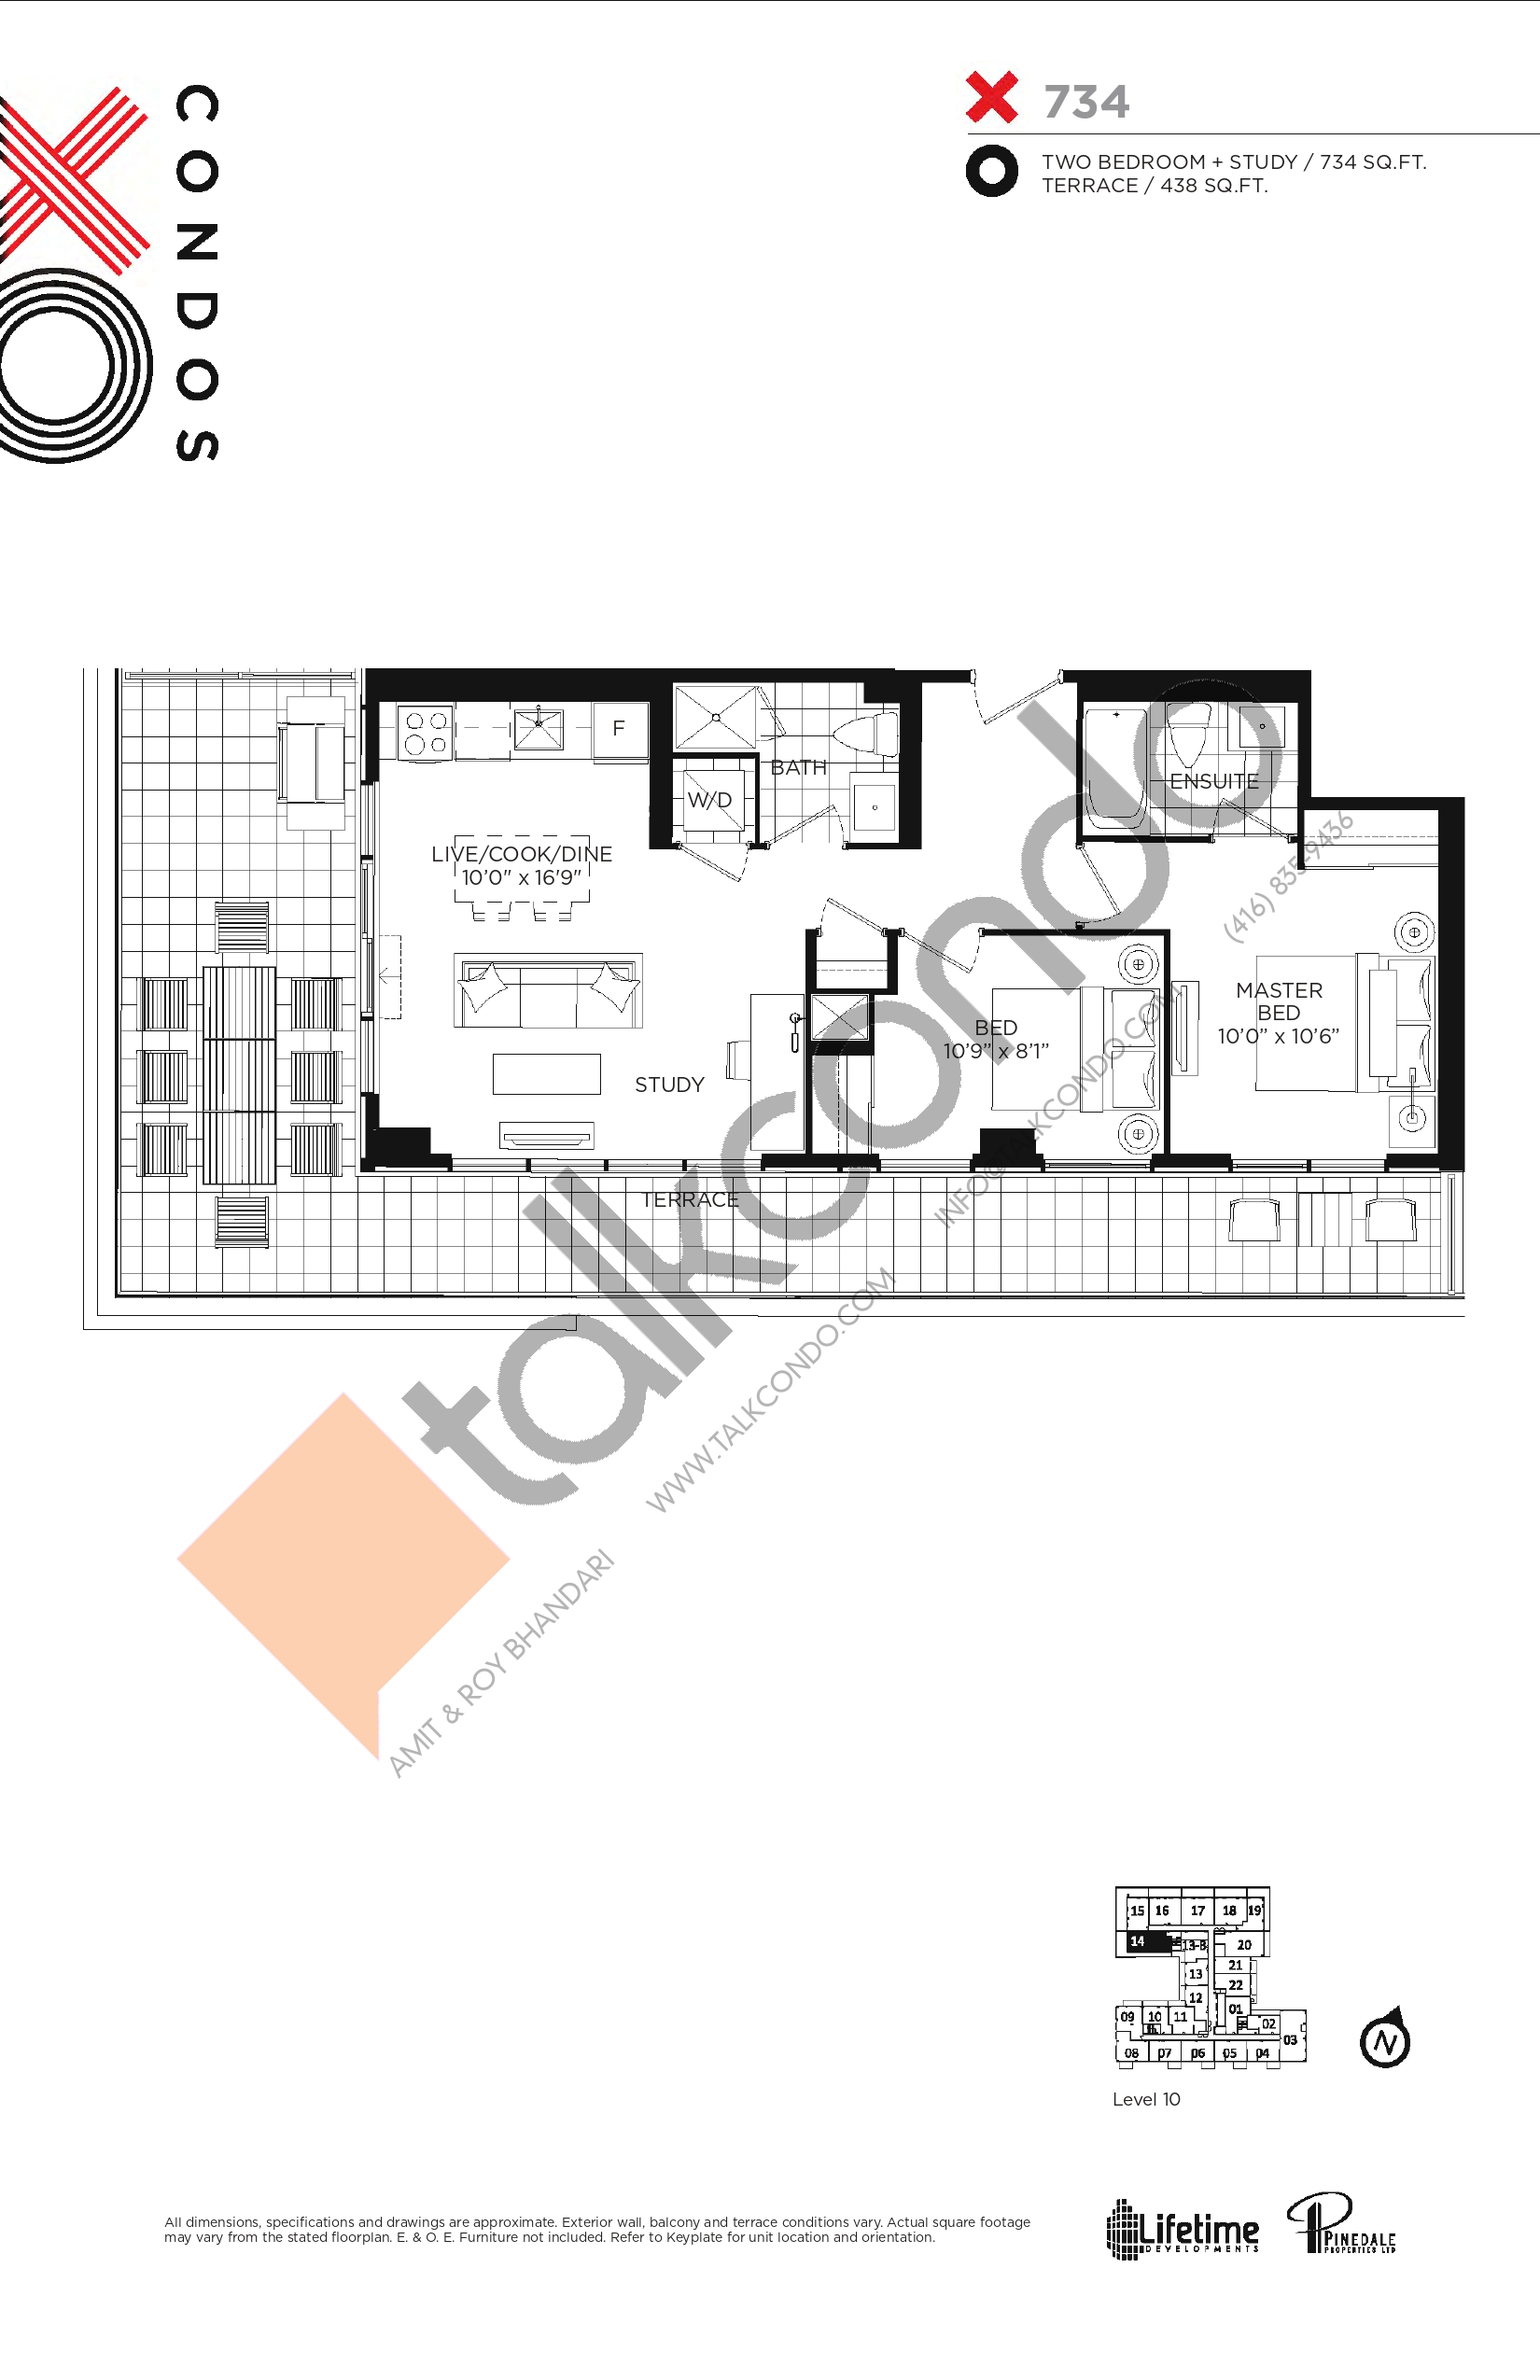 X734 Floor Plan at XO Condos - 734 sq.ft